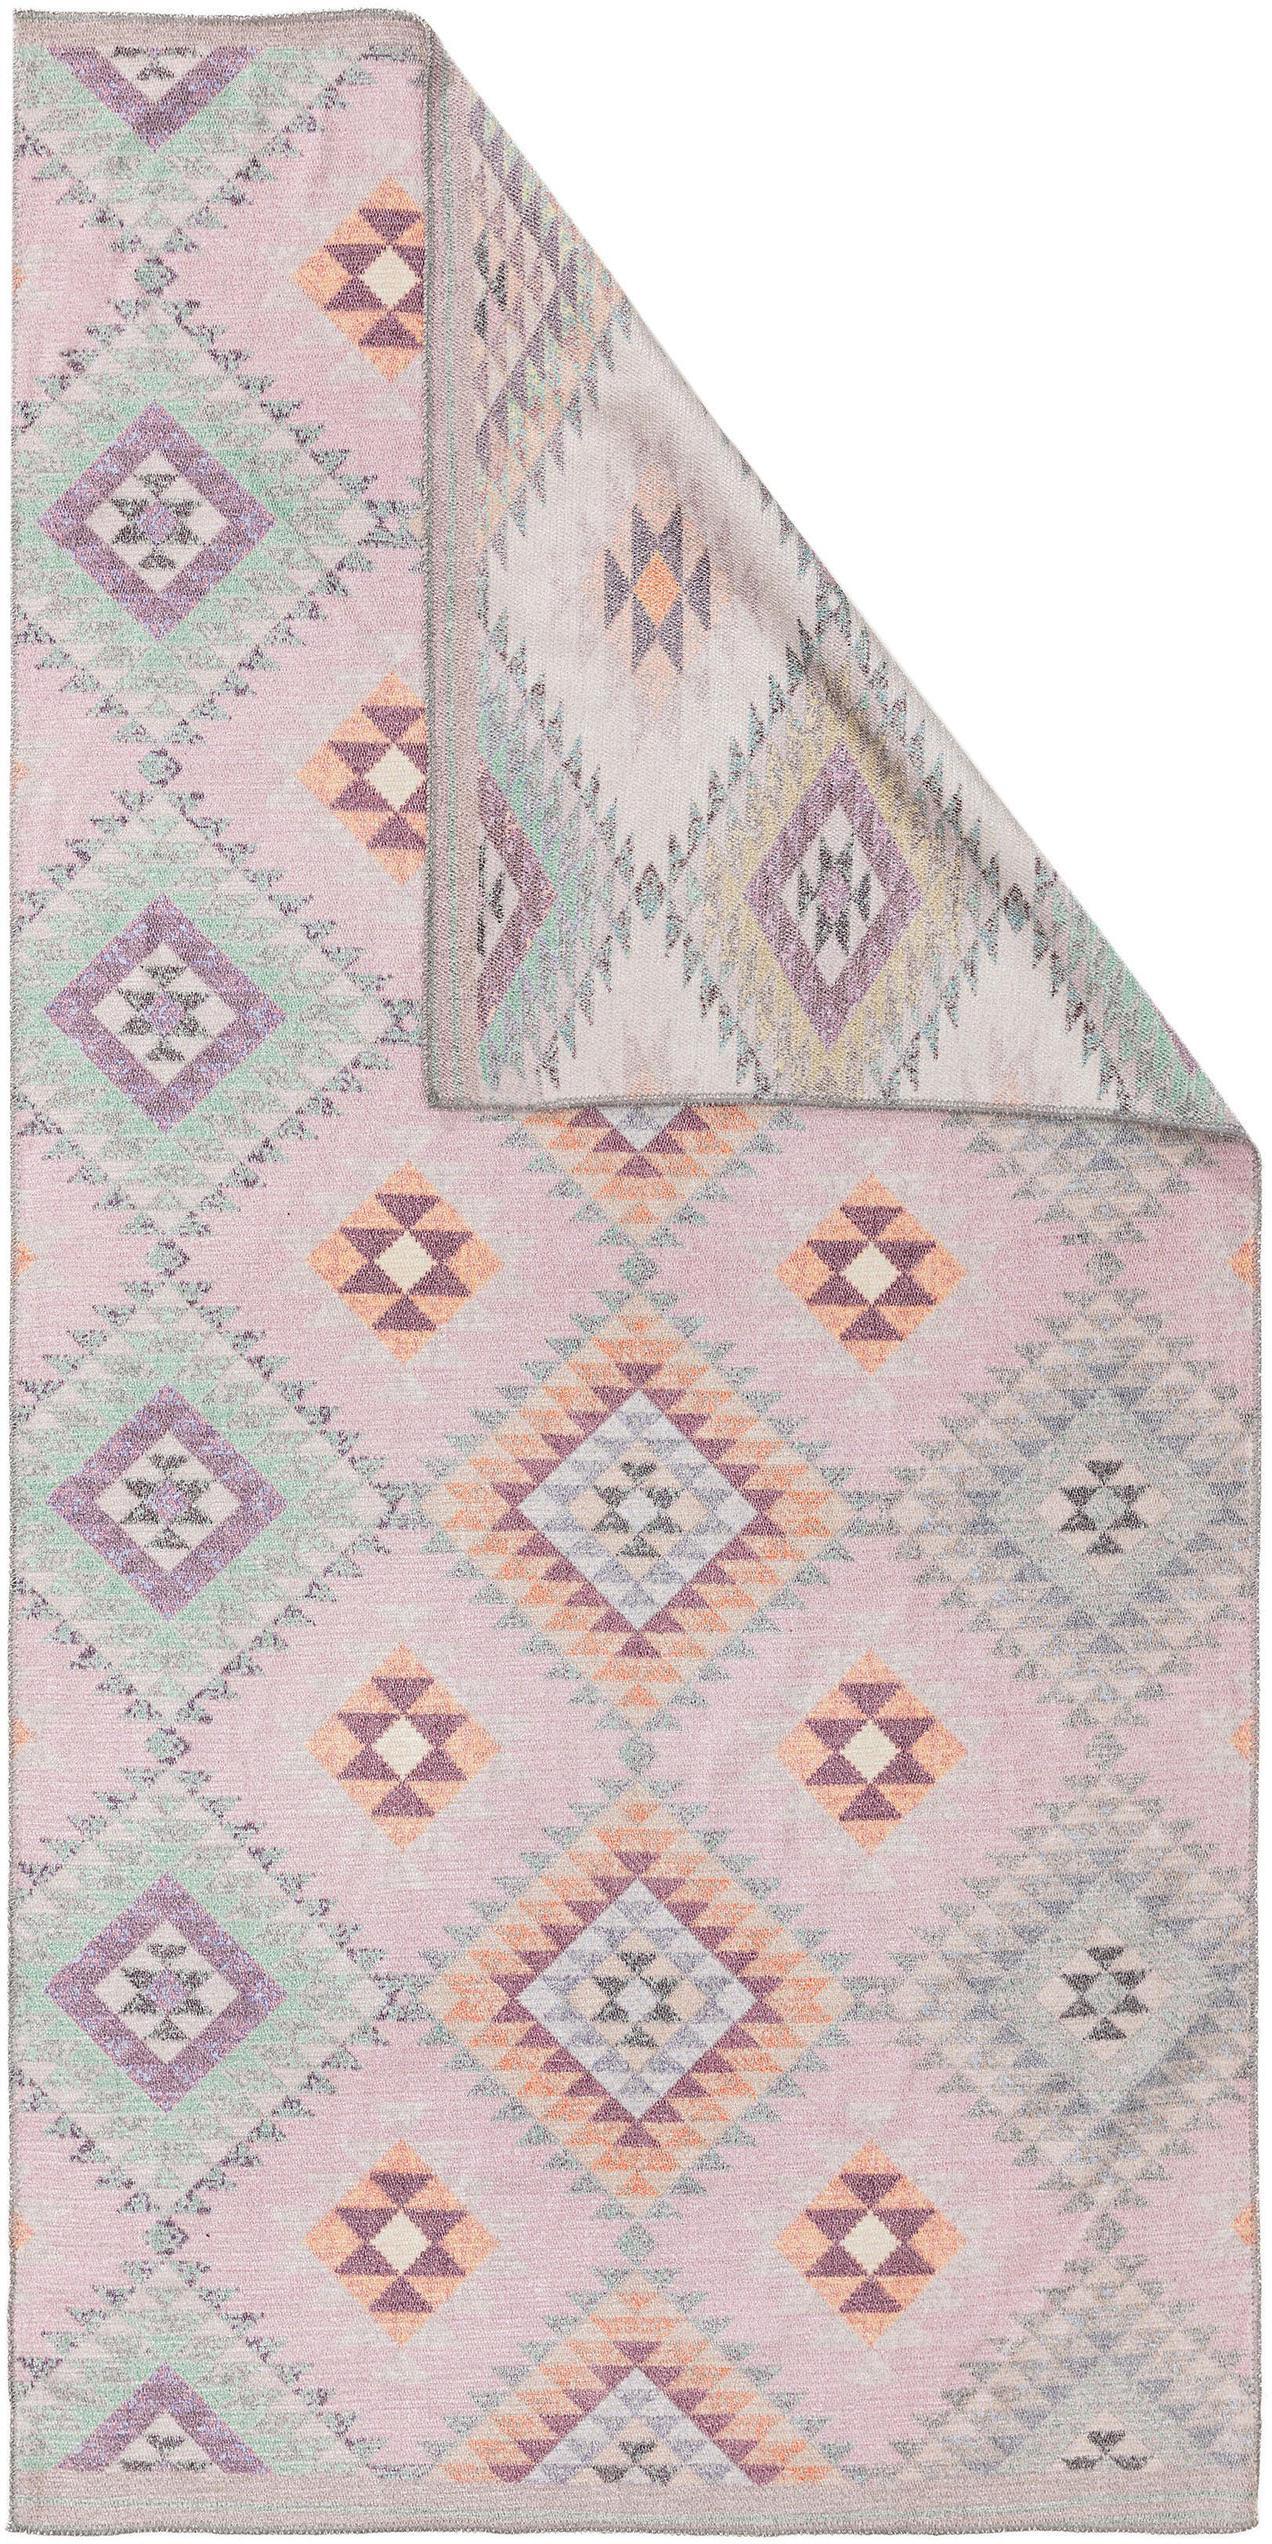 Wendeteppich Kelim Ana mit Ethnomuster in Rosafarben, 80% Polyester 20% Baumwolle, Rosa, Mehrfarbig, B 75 x L 150 cm (Größe XS)